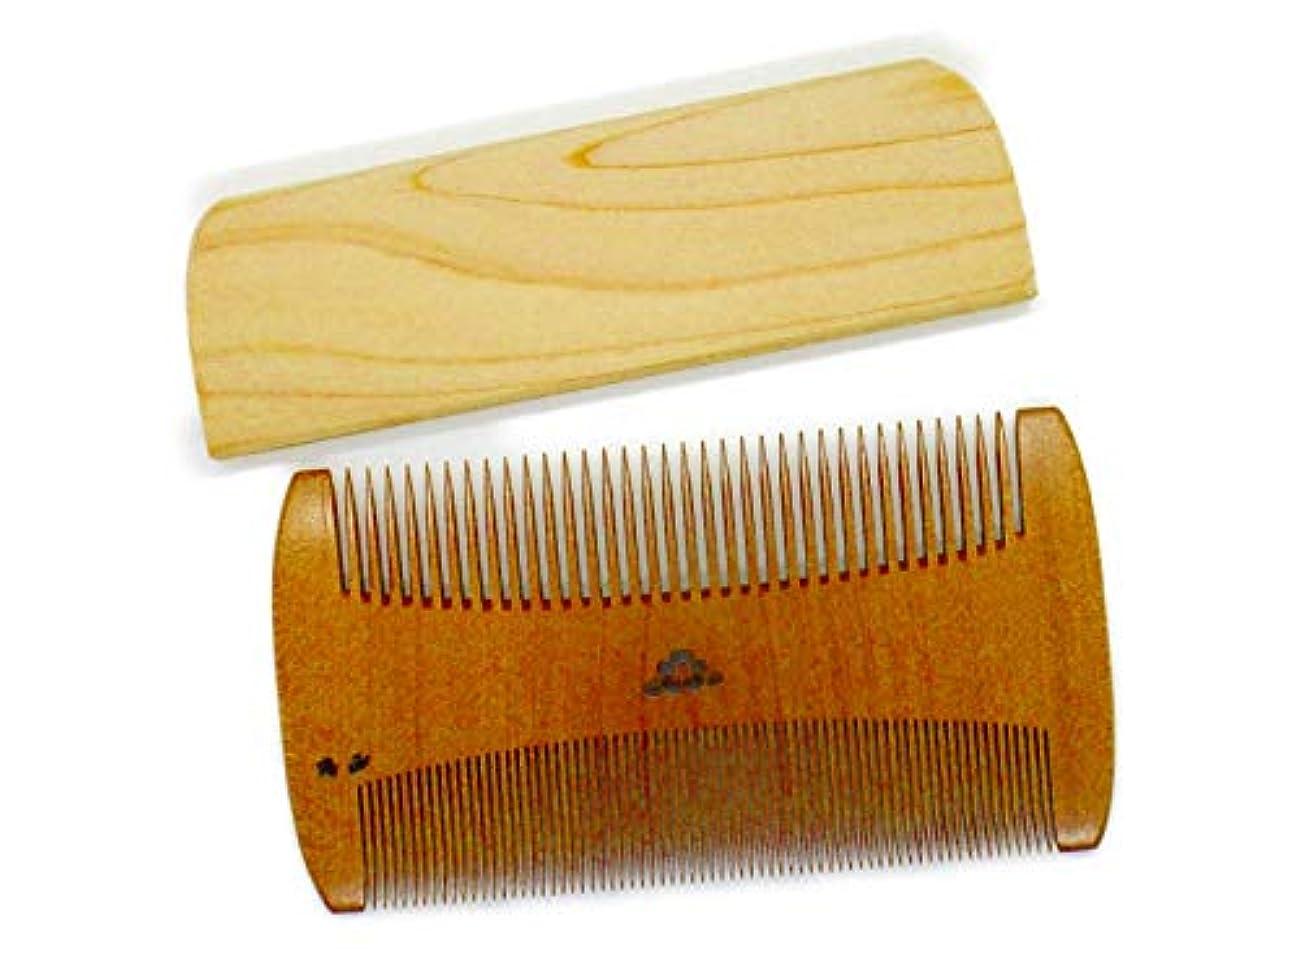 熟考する確認するマージン椿櫛 すき櫛~つげ櫛職人が作りました~髪に付いたホコリを取る事に特化した櫛です。シラミ駆除対応